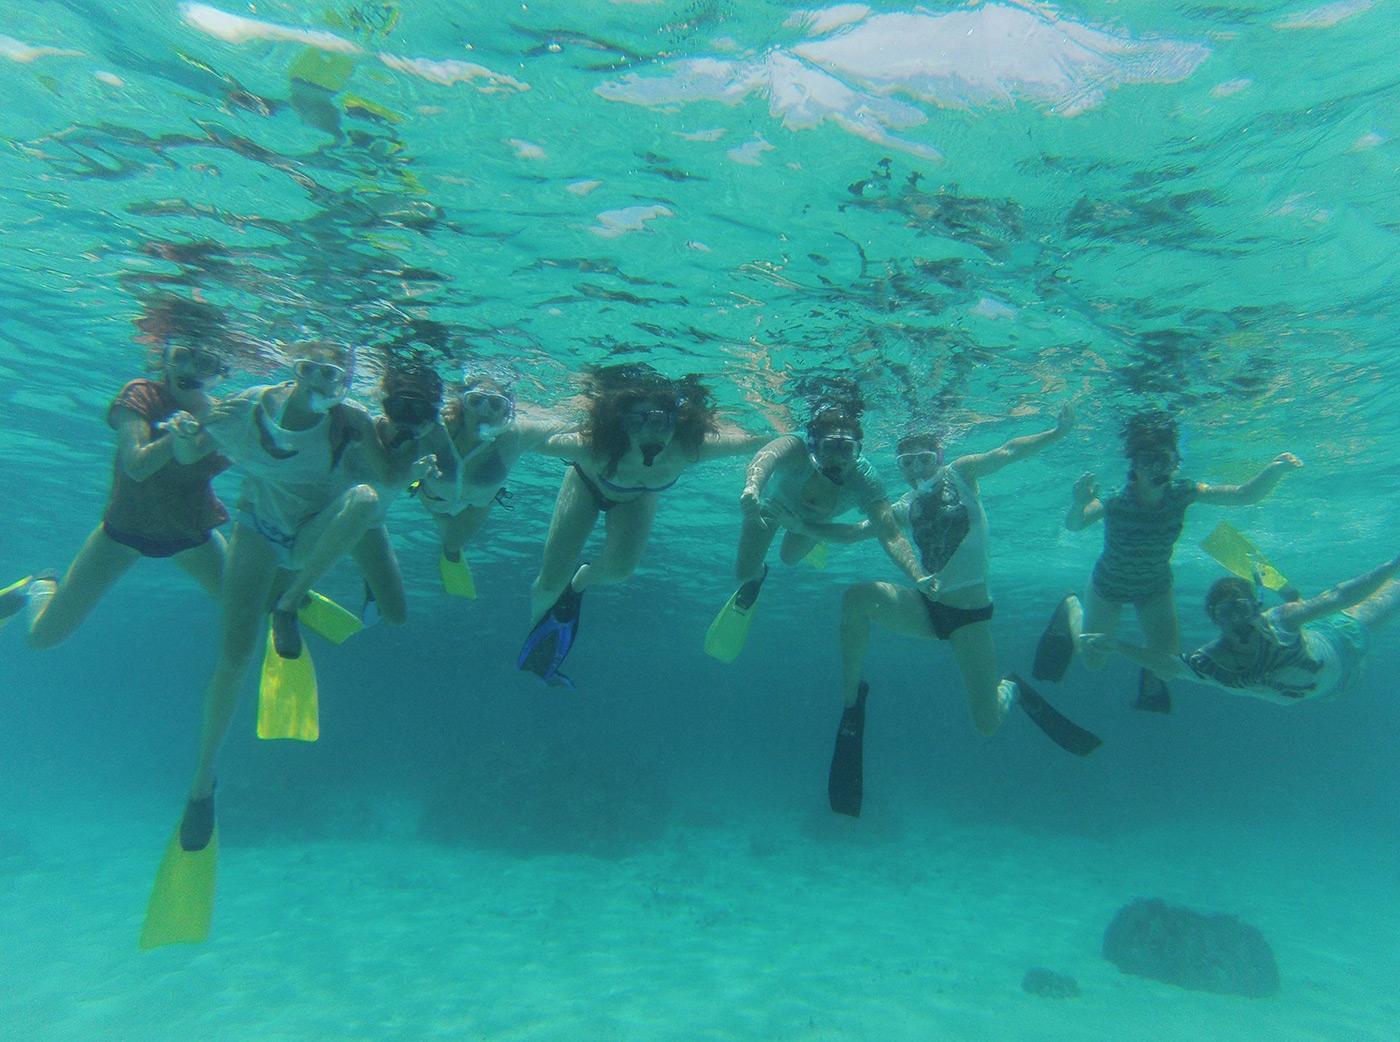 Anda De Wata Tours - Snorkeling - Snorkel Tours - Belize